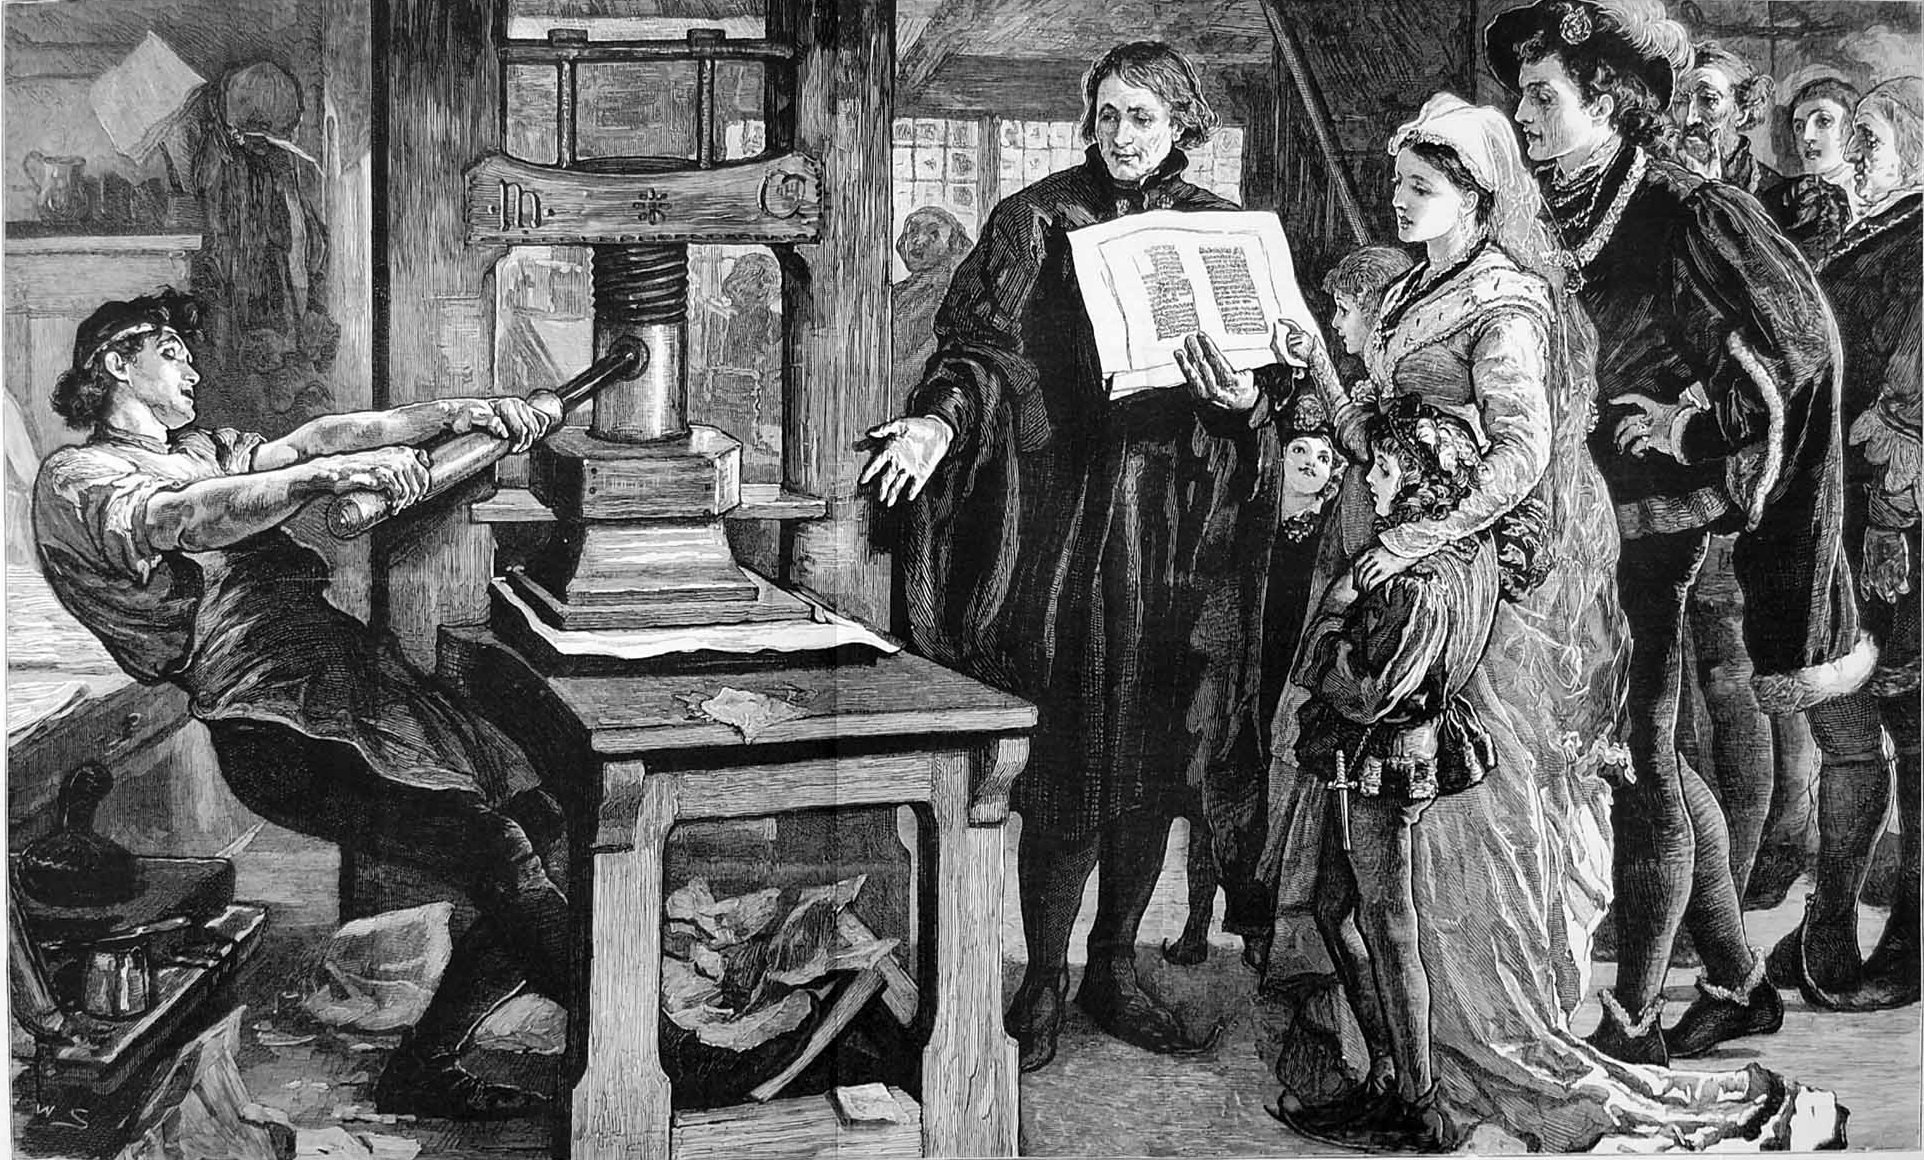 Matbaanın ilk kez kullanılması Uzakdoğu'da başlamıştır. İlk matbaa, ağaç oyma tekniği kullanarak, MS 593'te Çin'de kurulmuş, ilk basılı gazete de MS 700'de Pekin'de çıkmıştır.